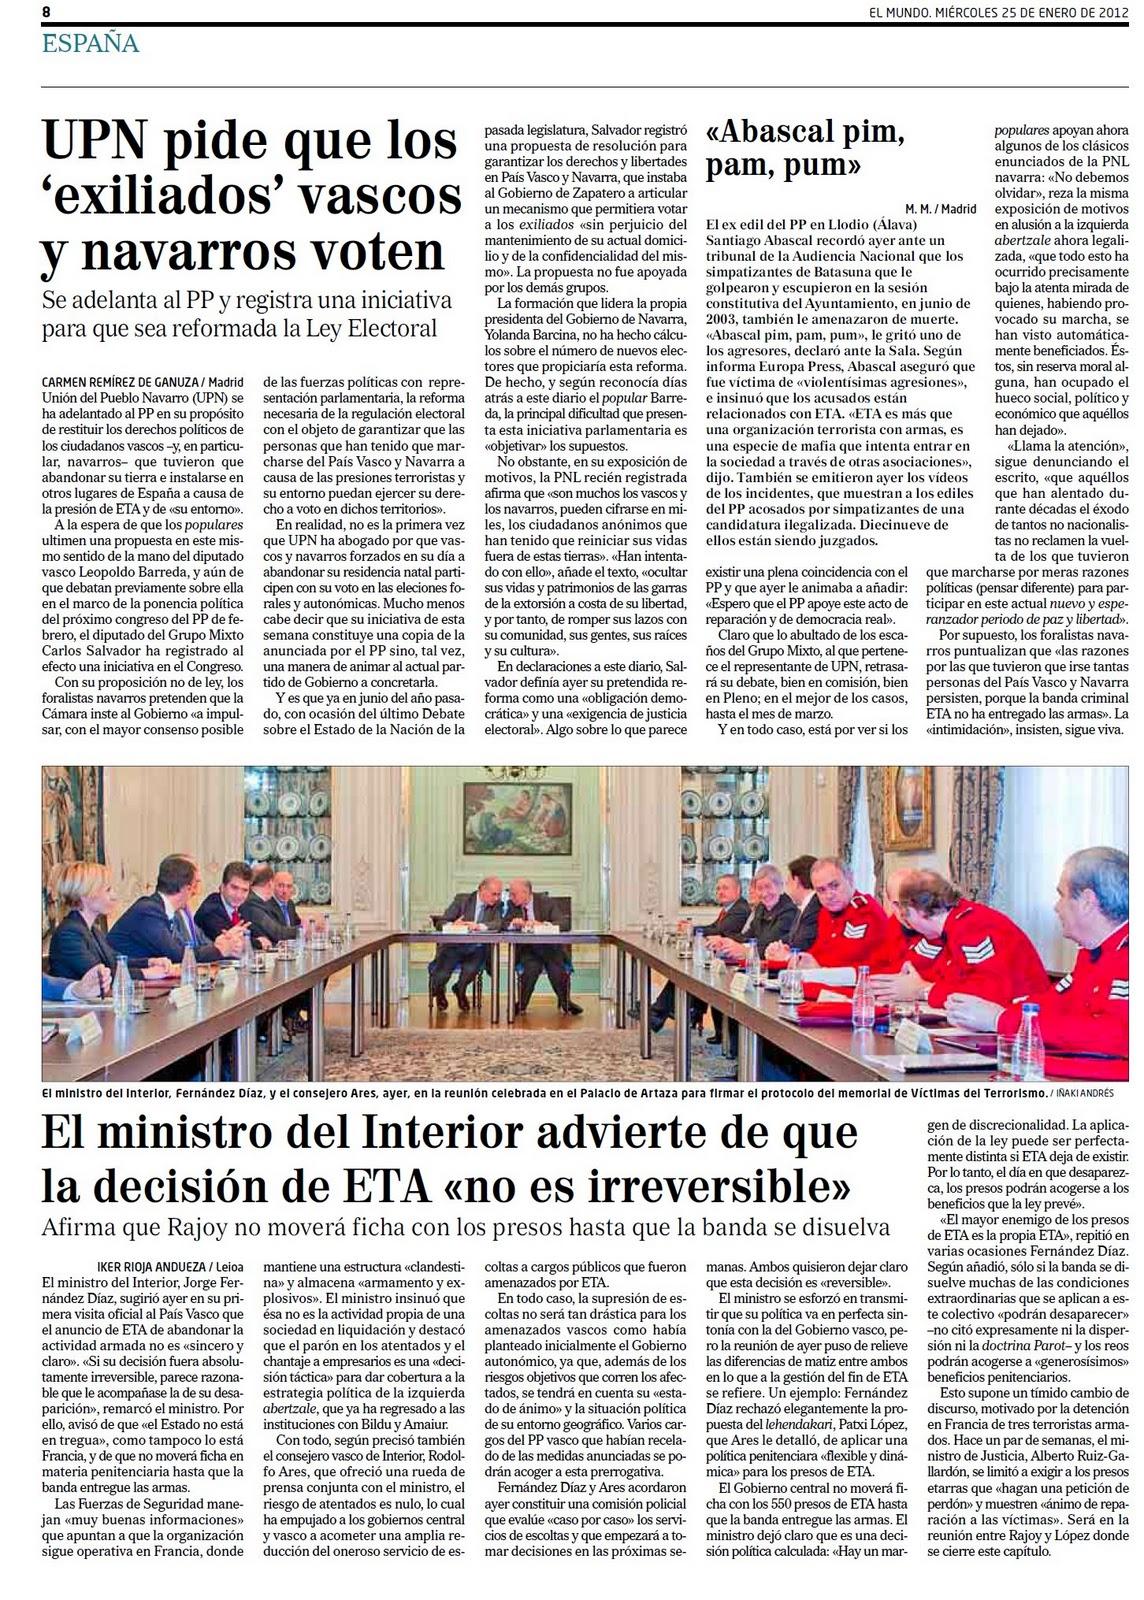 El PP inicia la resurrección de España resucitando a Montesquieu